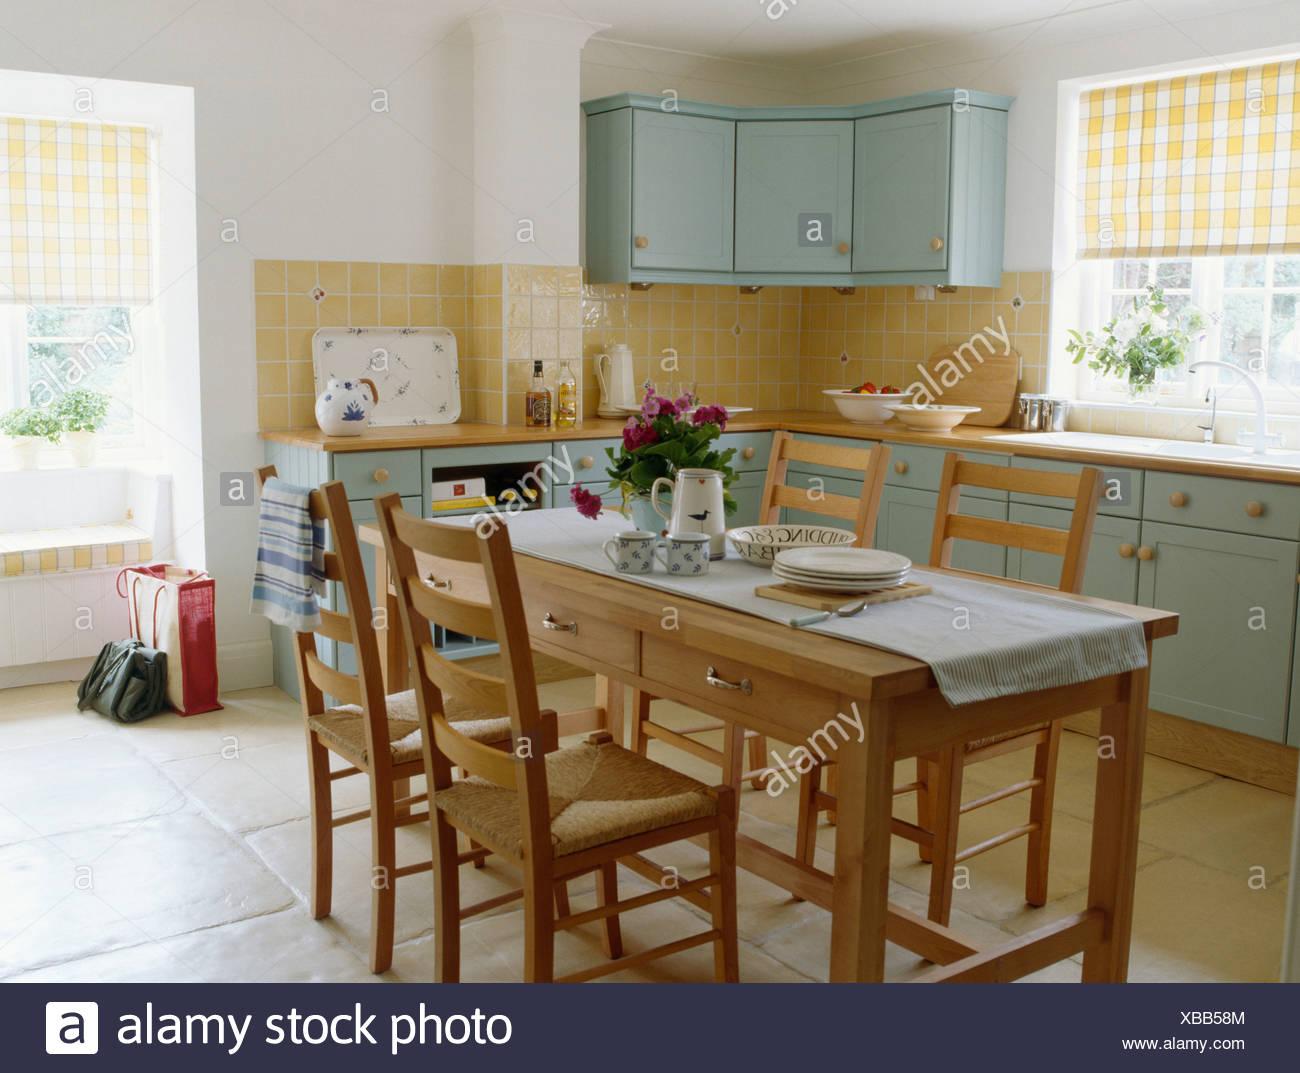 Fußbodenbelag Türkis ~ Holztisch und stühle im ferienhaus mit pastell türkis ausgestattet